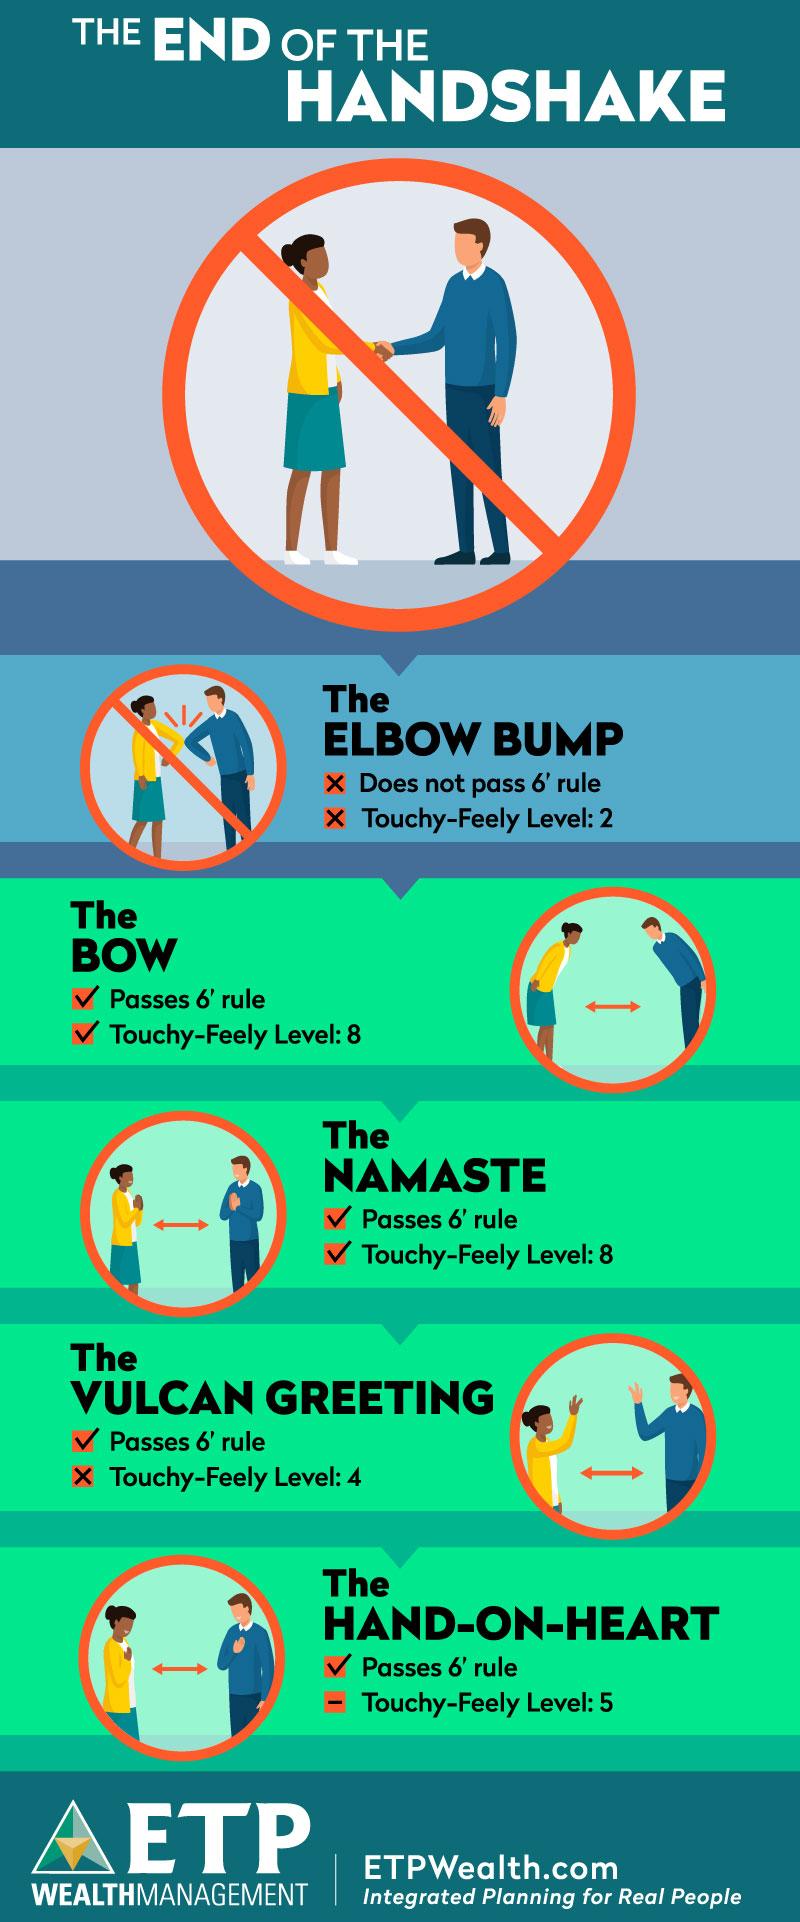 Handshake Infographic